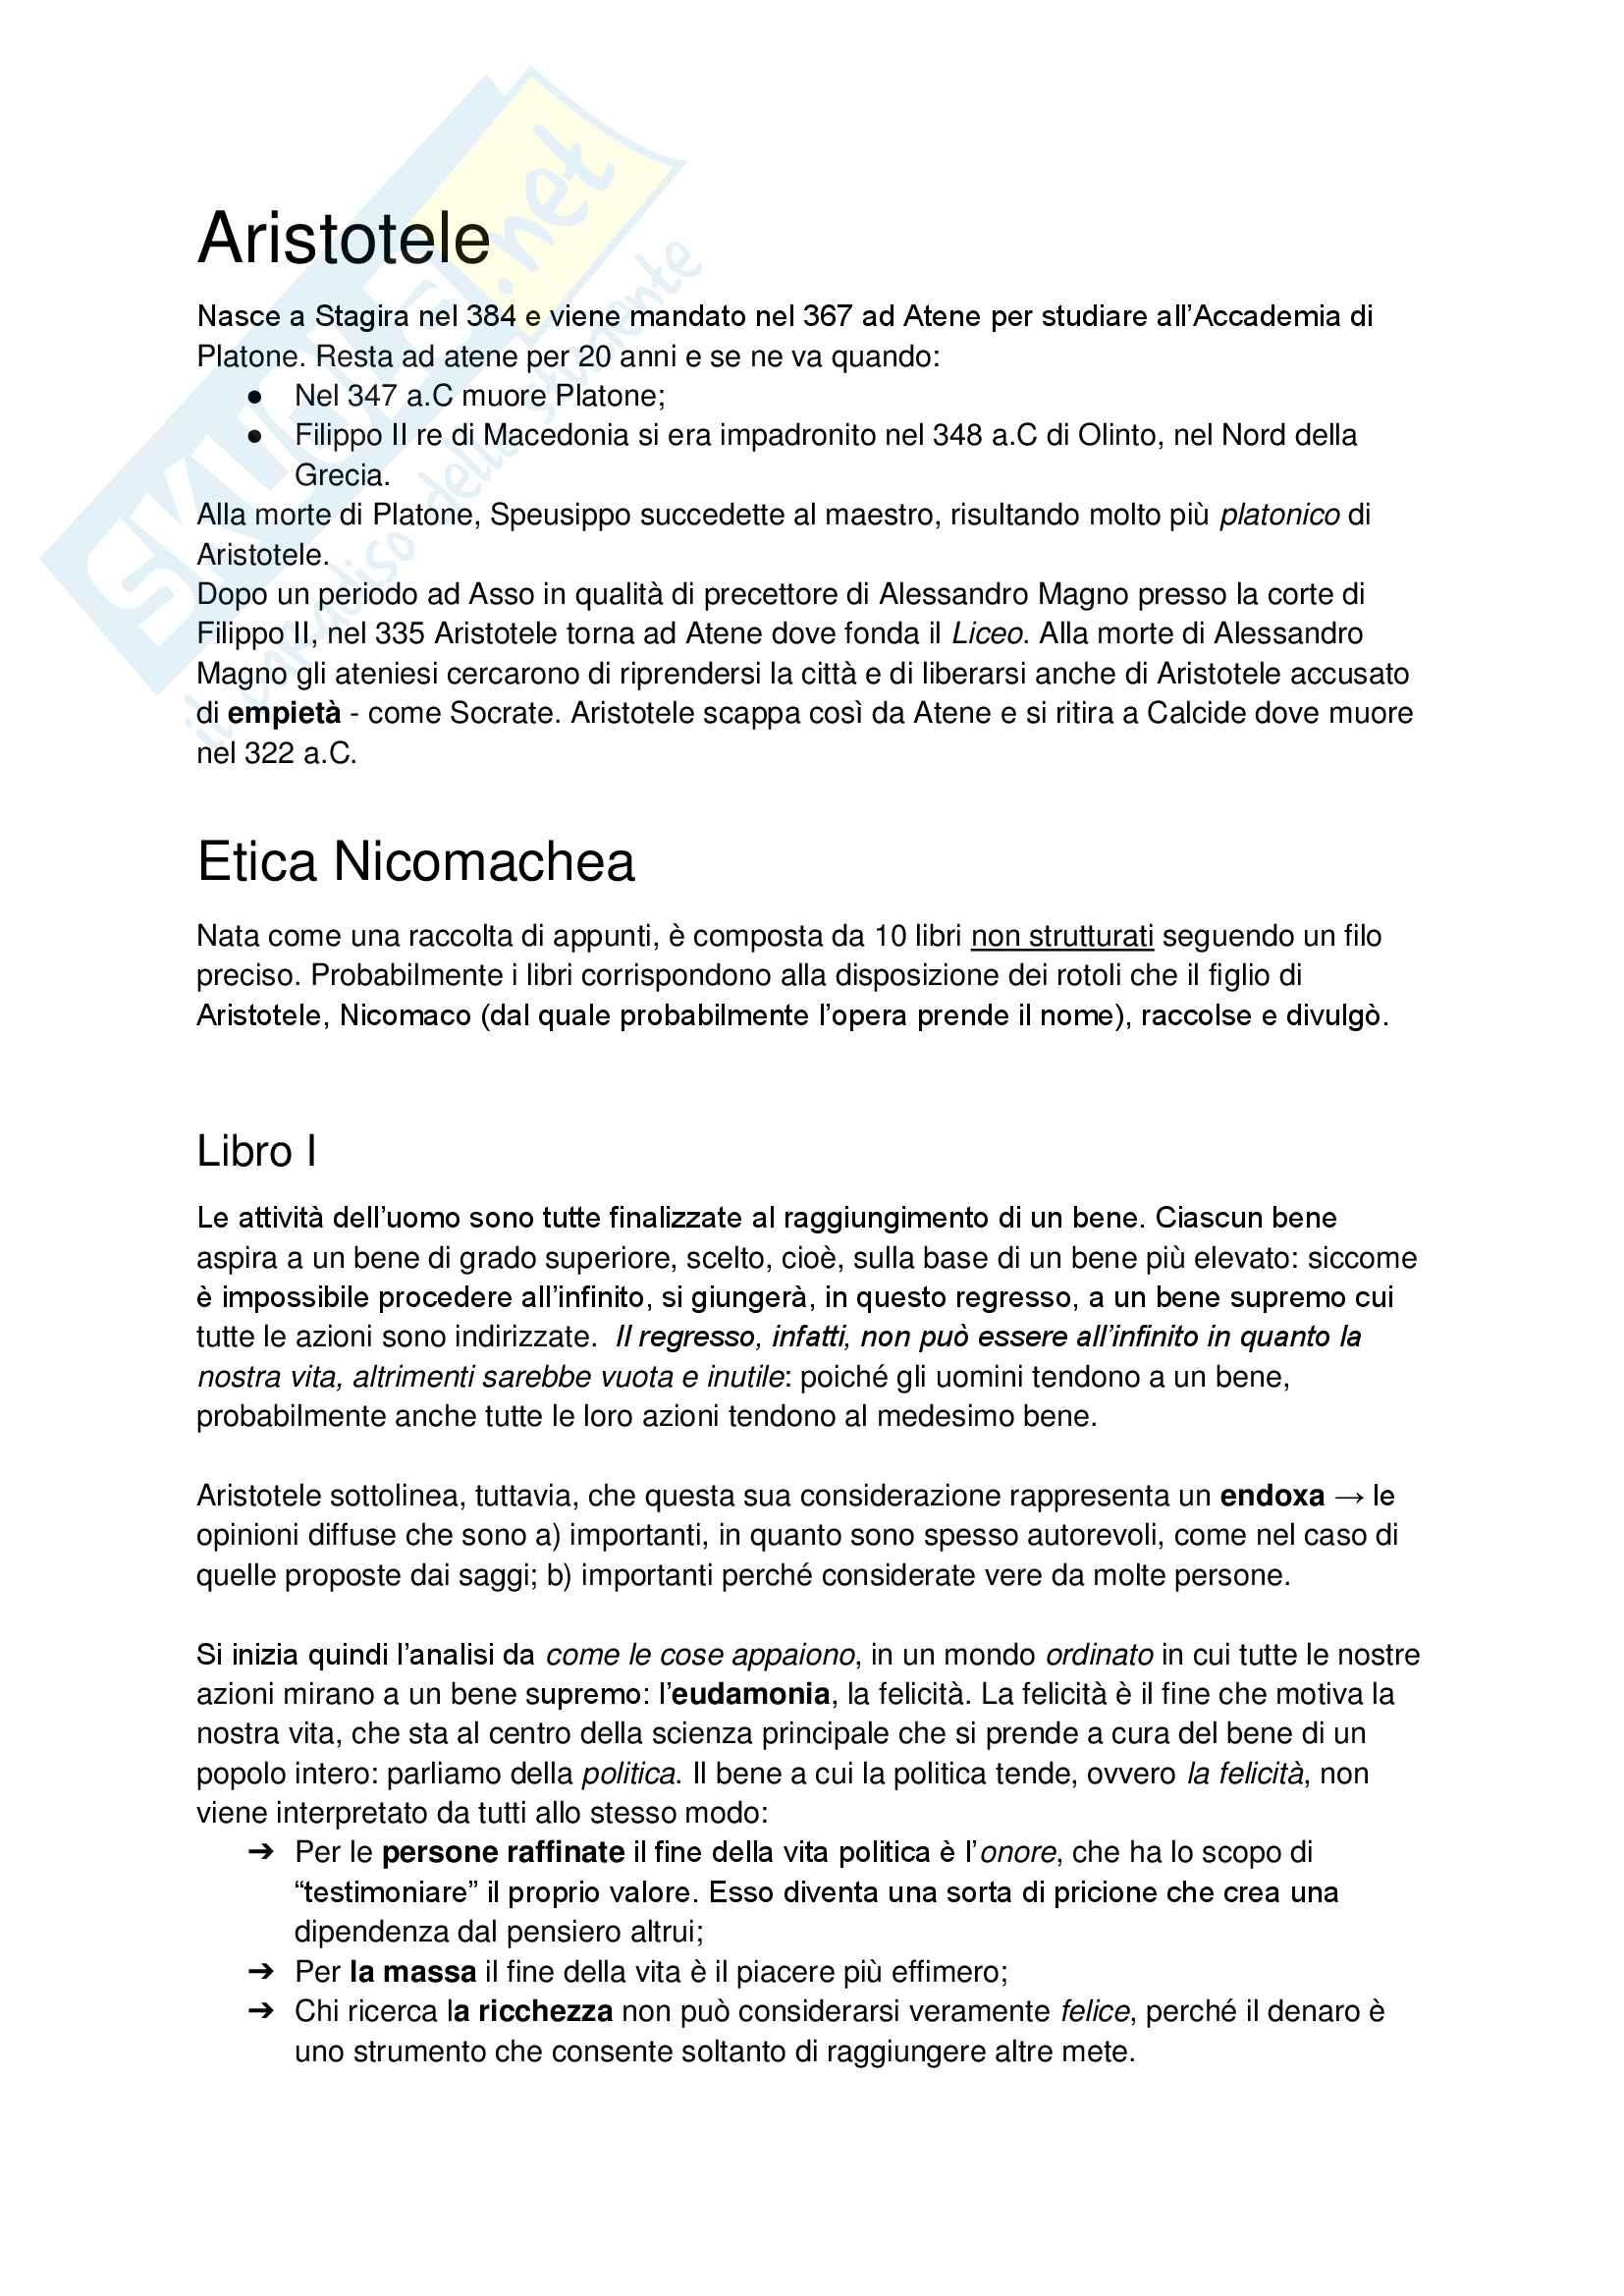 Etica Nicomachea - Aristotele